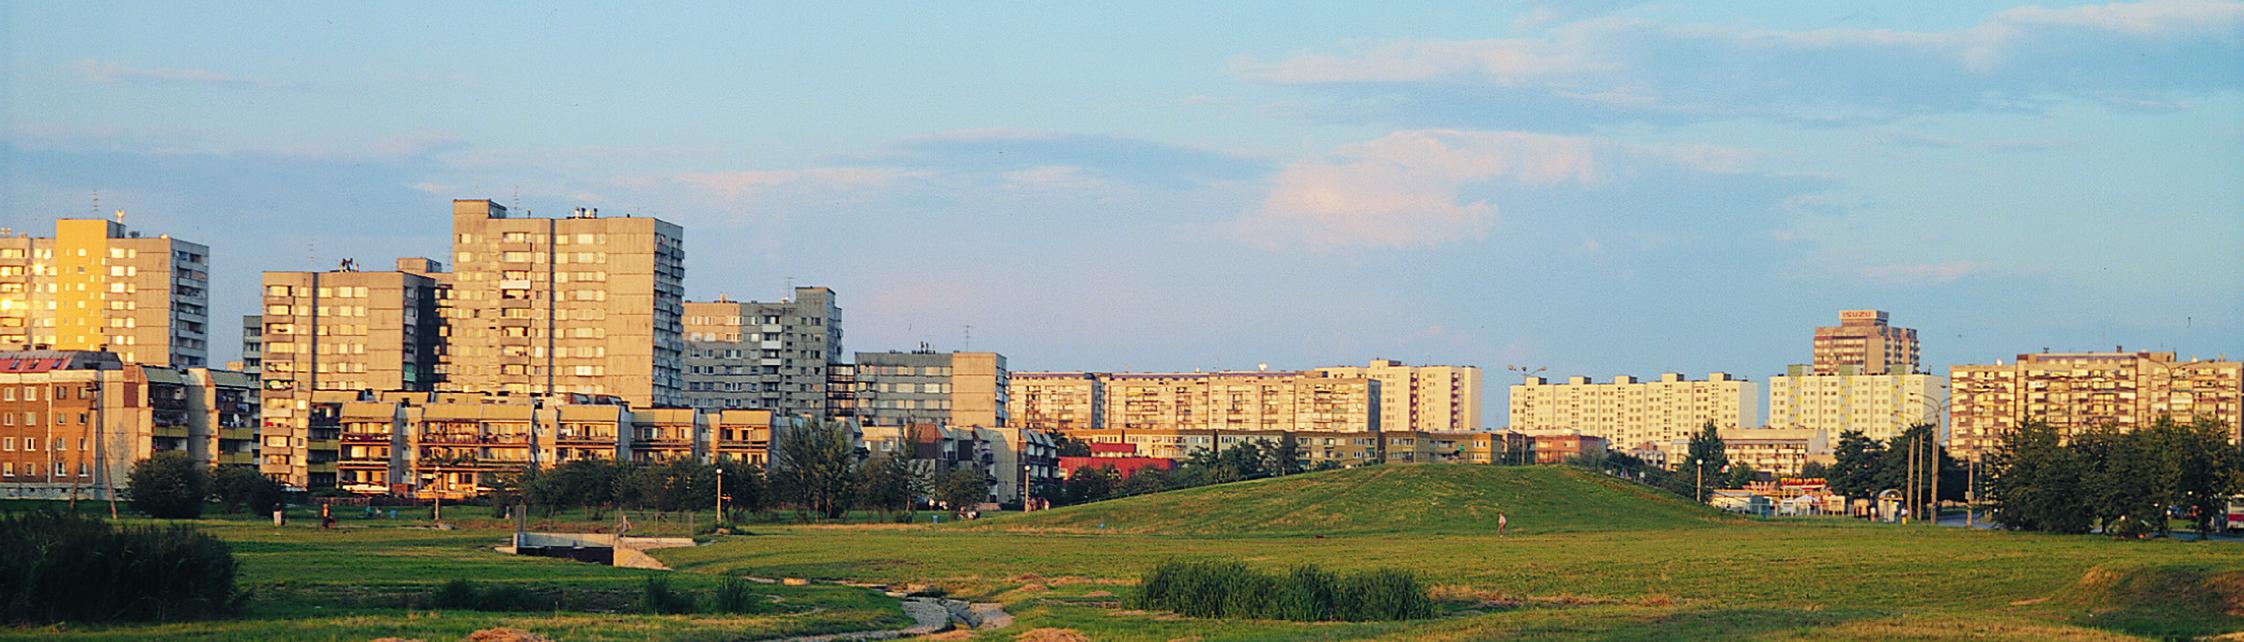 Zachodnie miasto